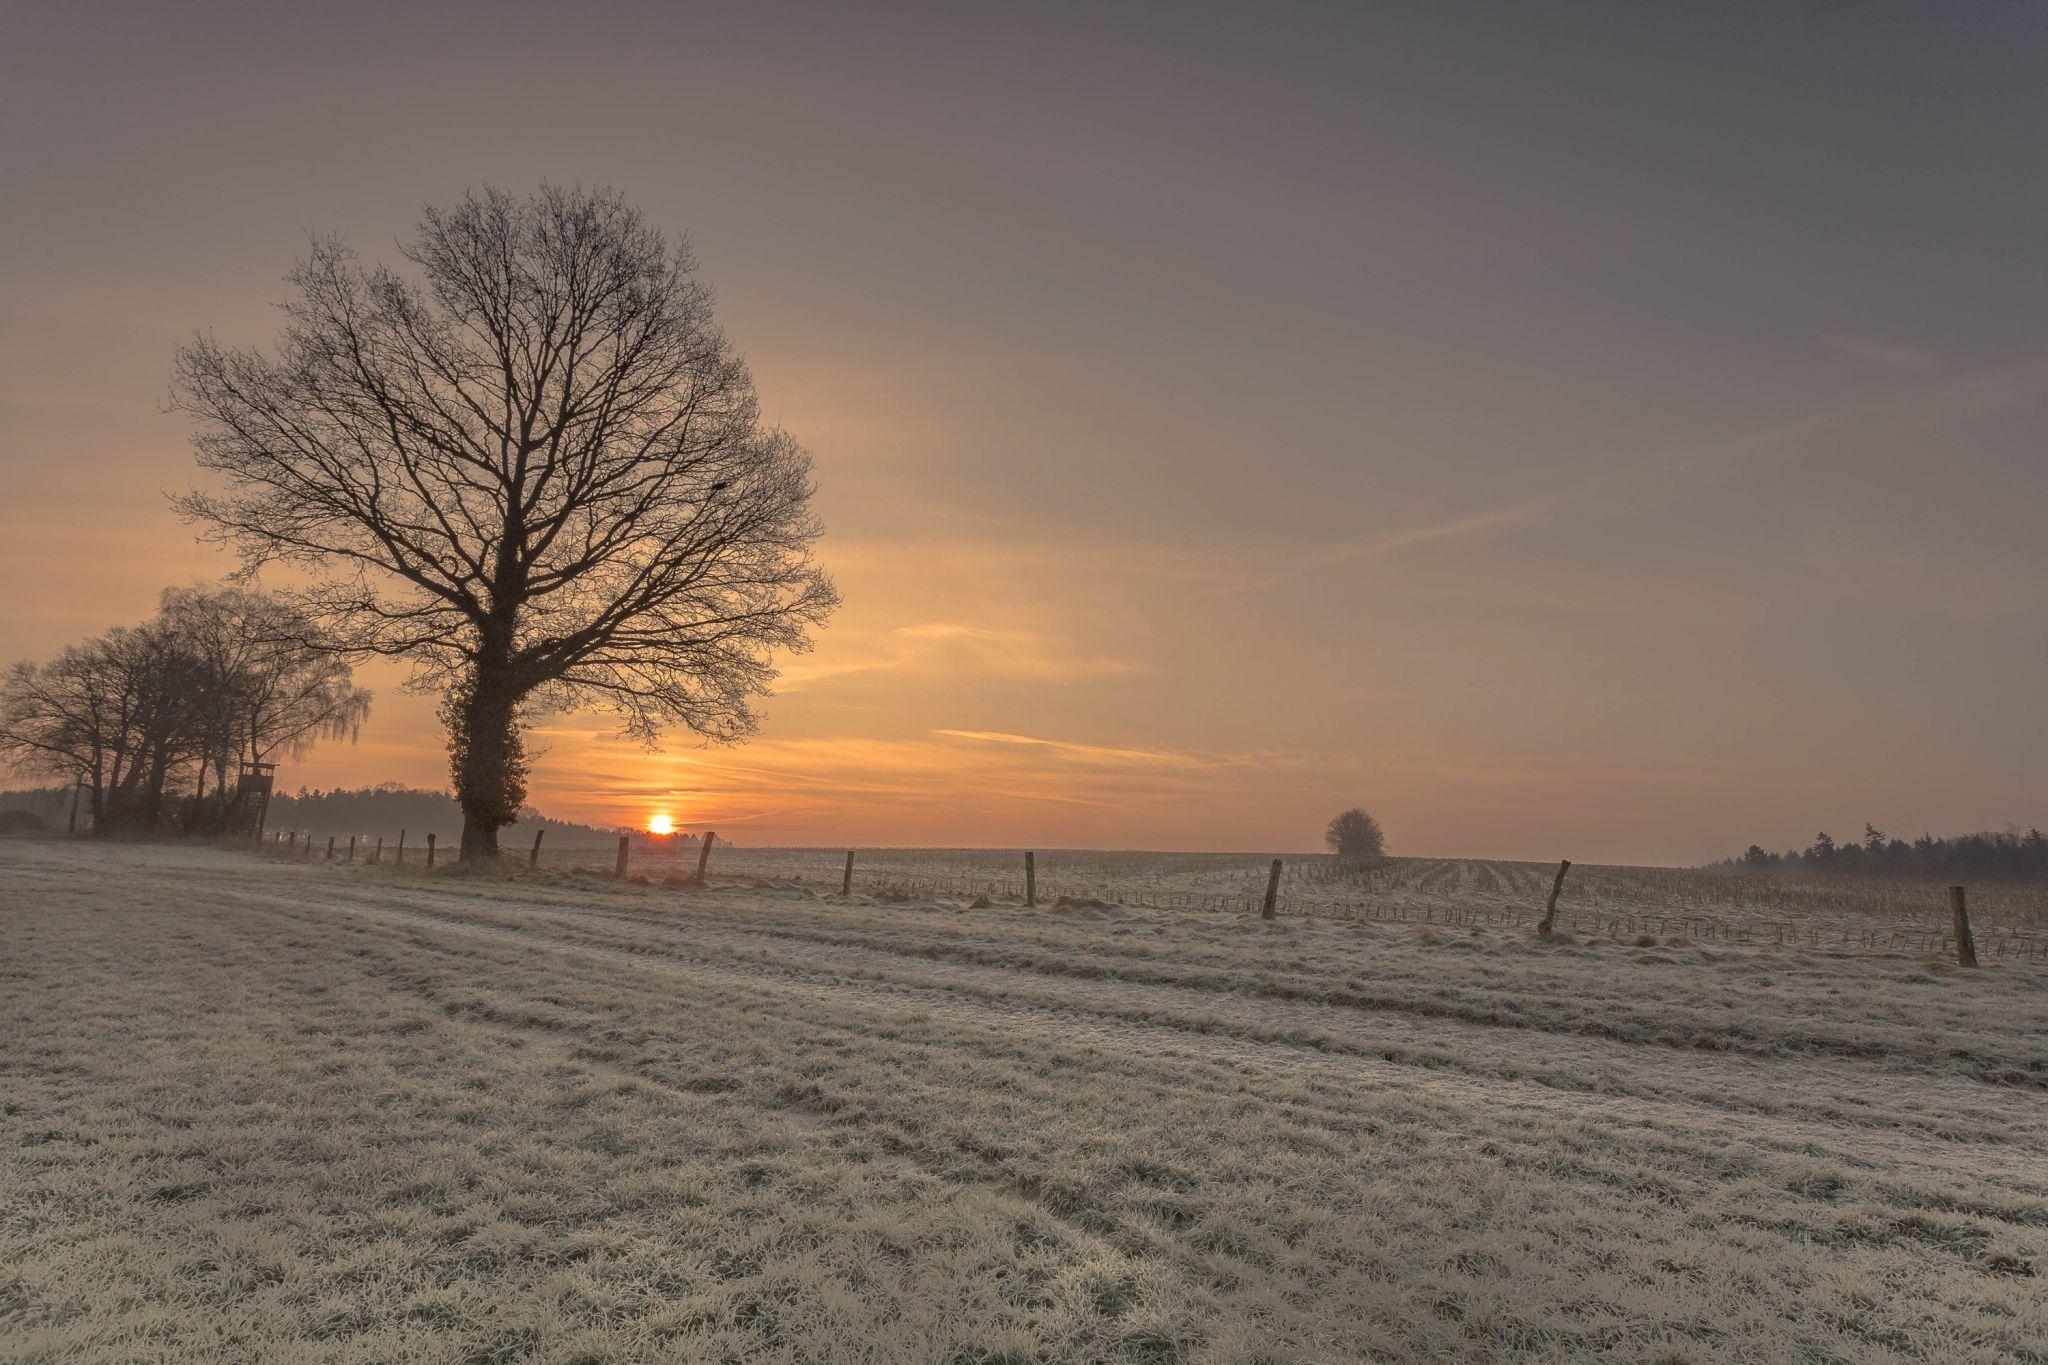 Landscape, Lower Saxony Germany, Germany